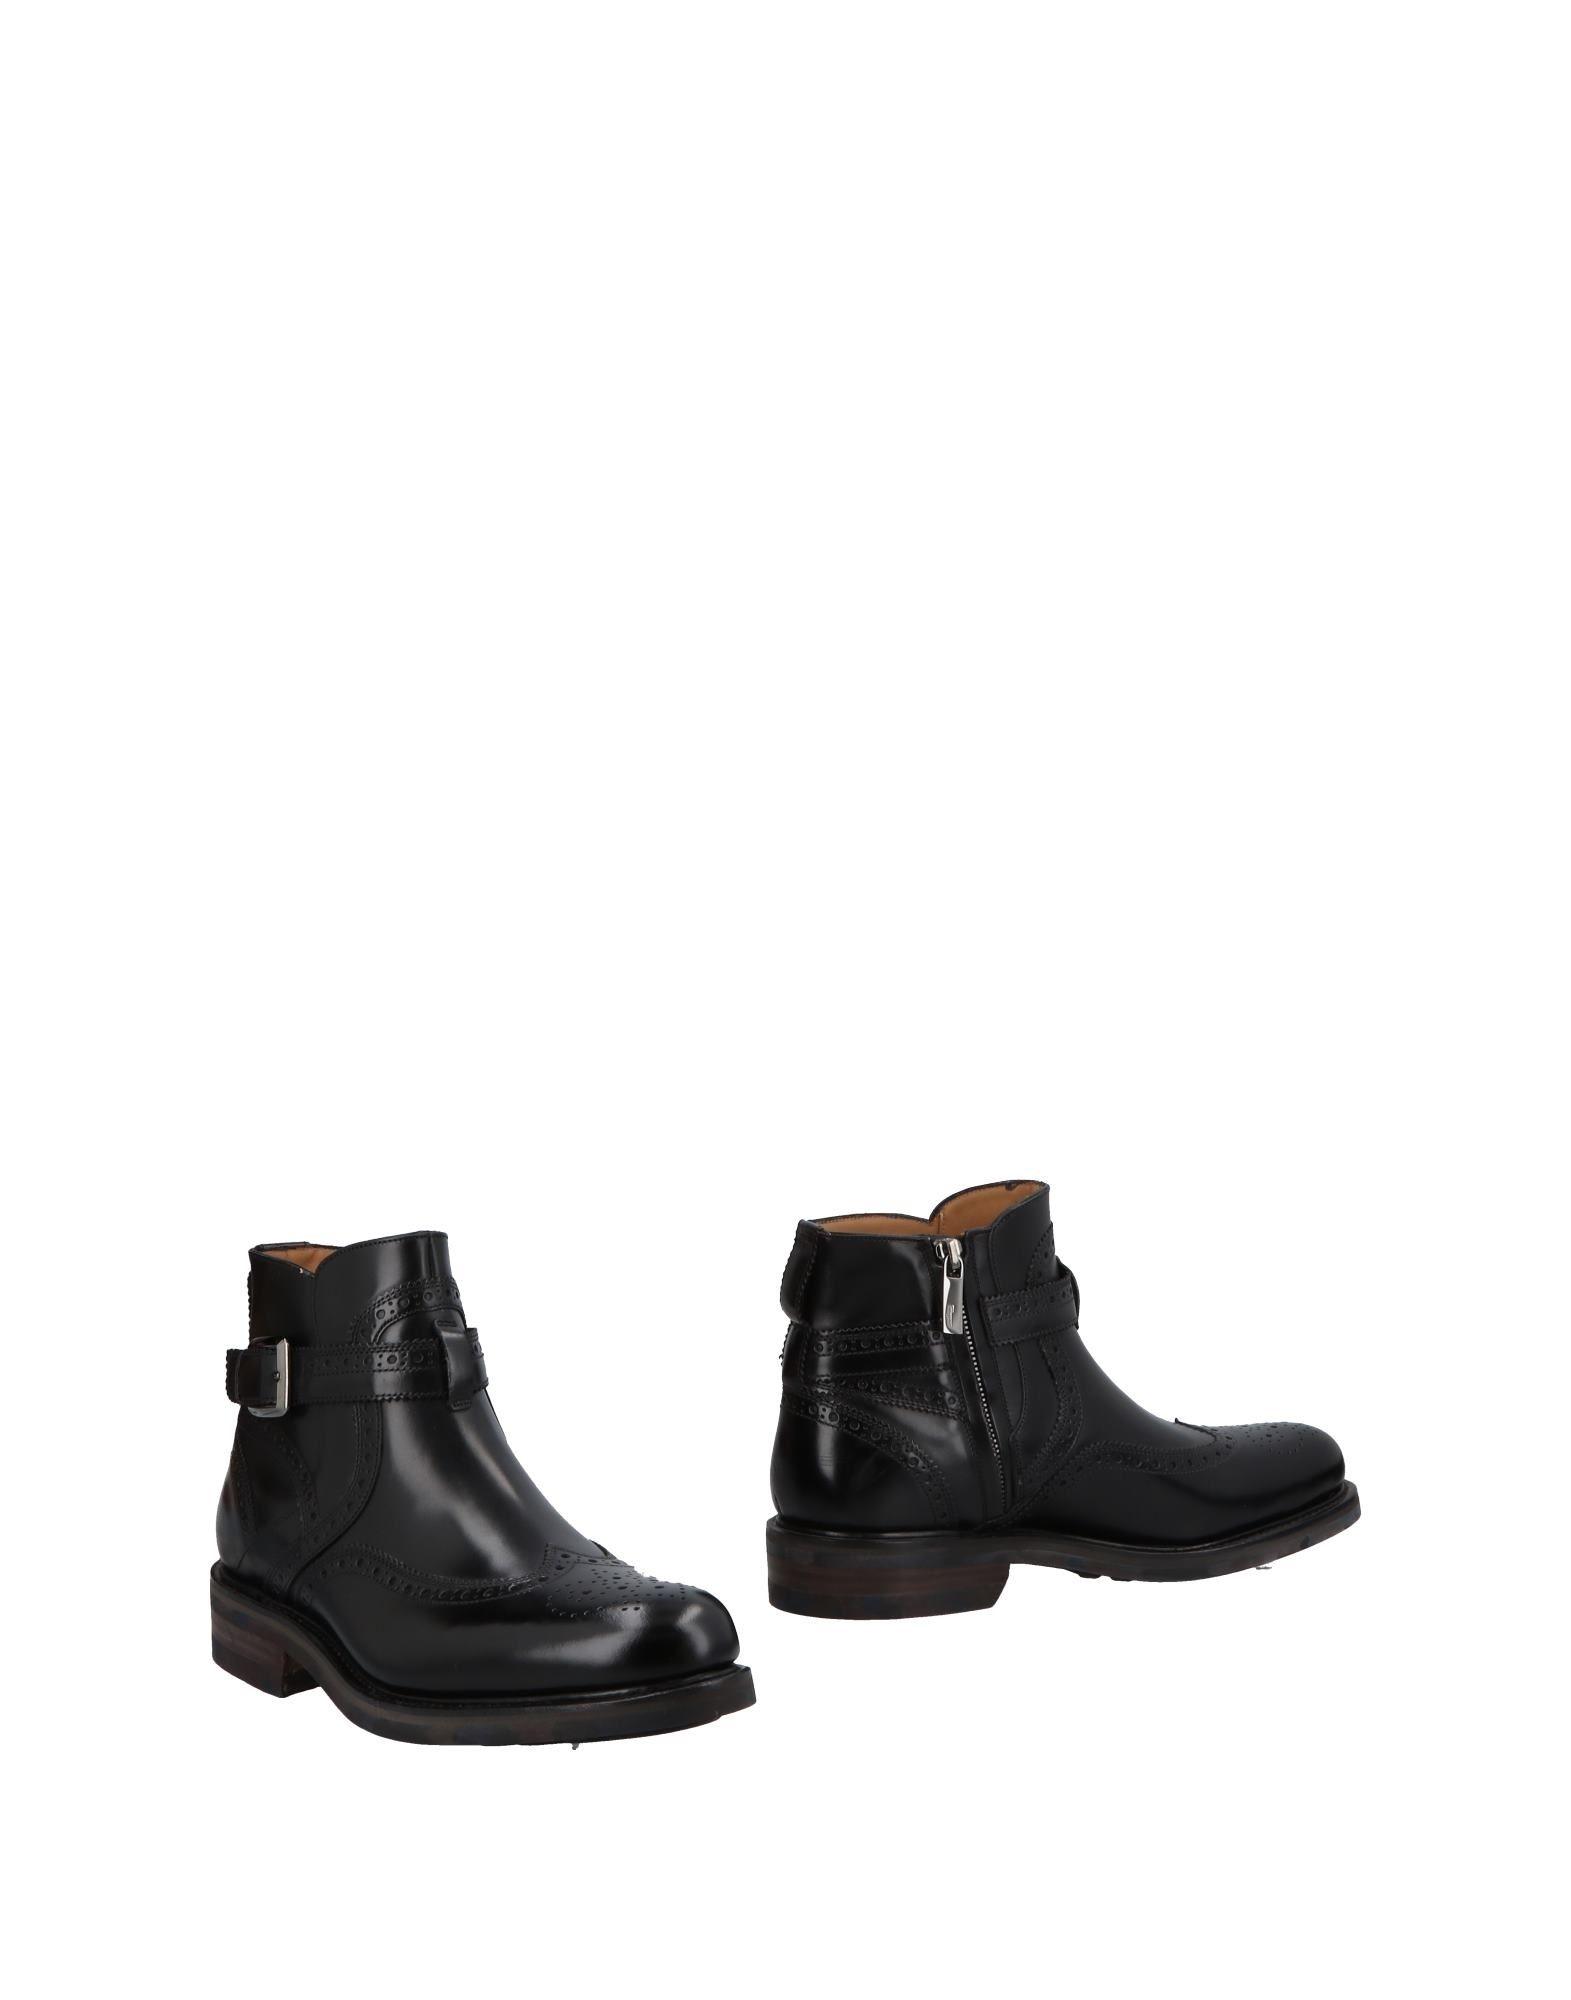 Salvatore Ferragamo Stiefelette Herren beliebte  11483579ME Gute Qualität beliebte Herren Schuhe a73f2c